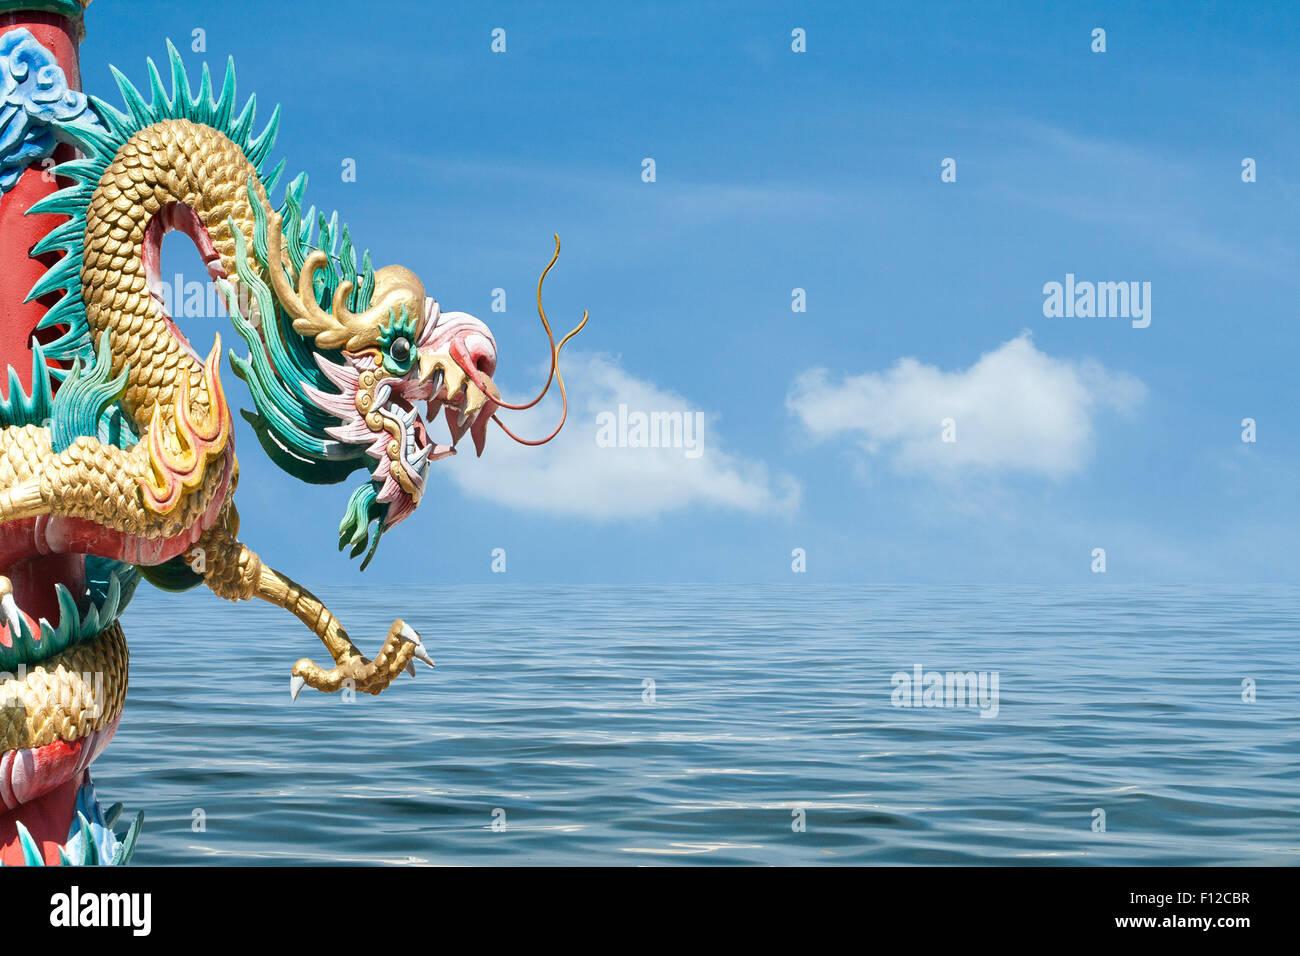 Stile cinese dragon statua sul cielo e mare Immagini Stock